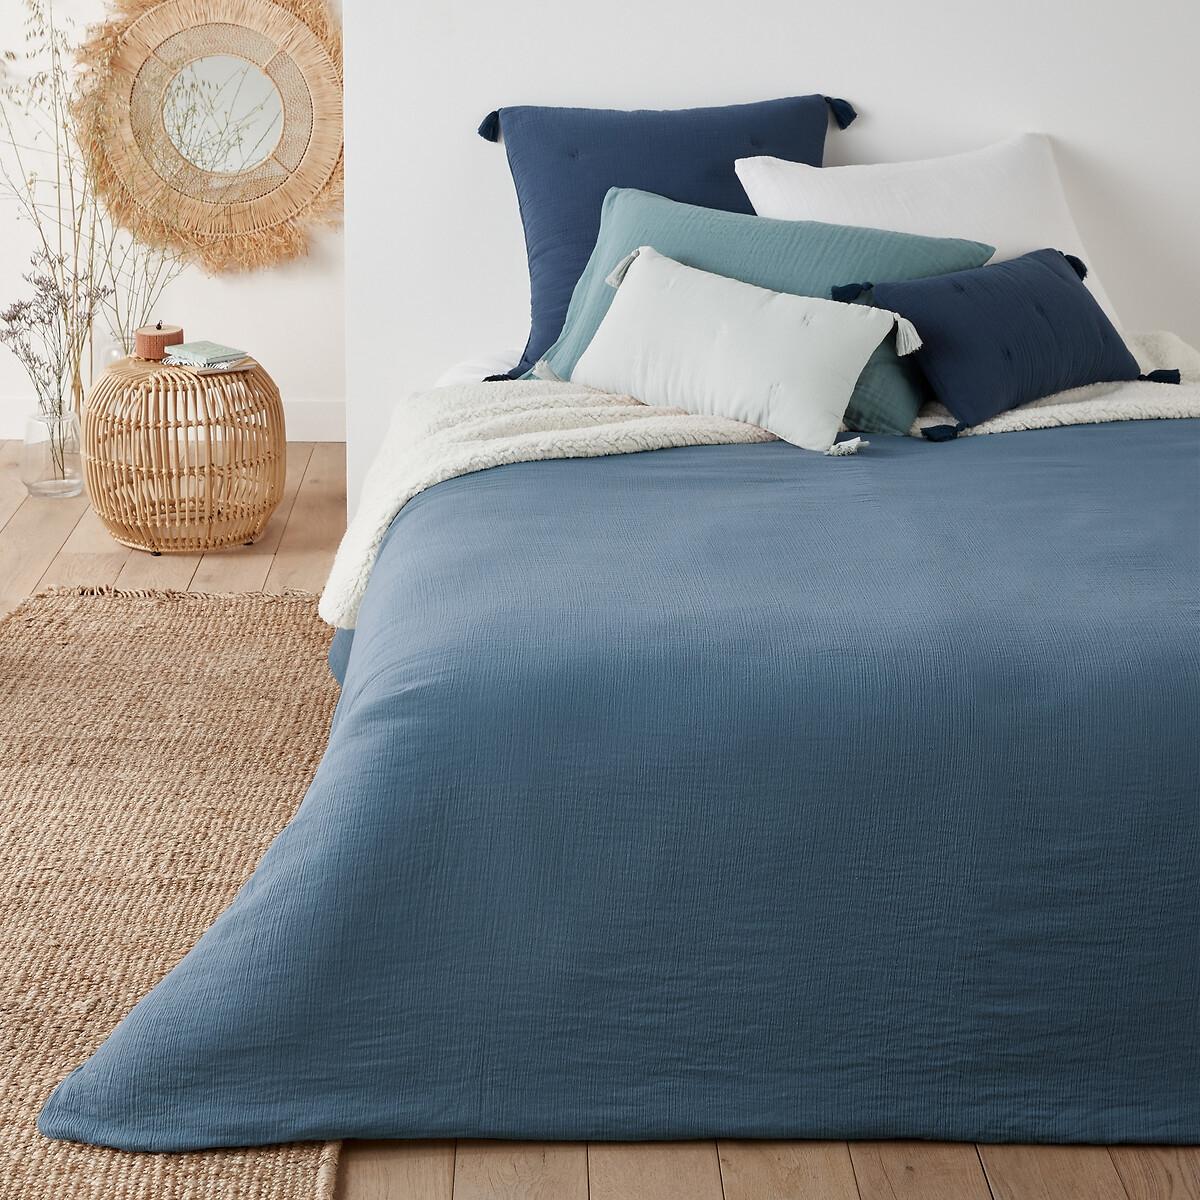 Покрывало LaRedoute На кровать однотонное из двух материалов Kumla 230 x 250 см синий